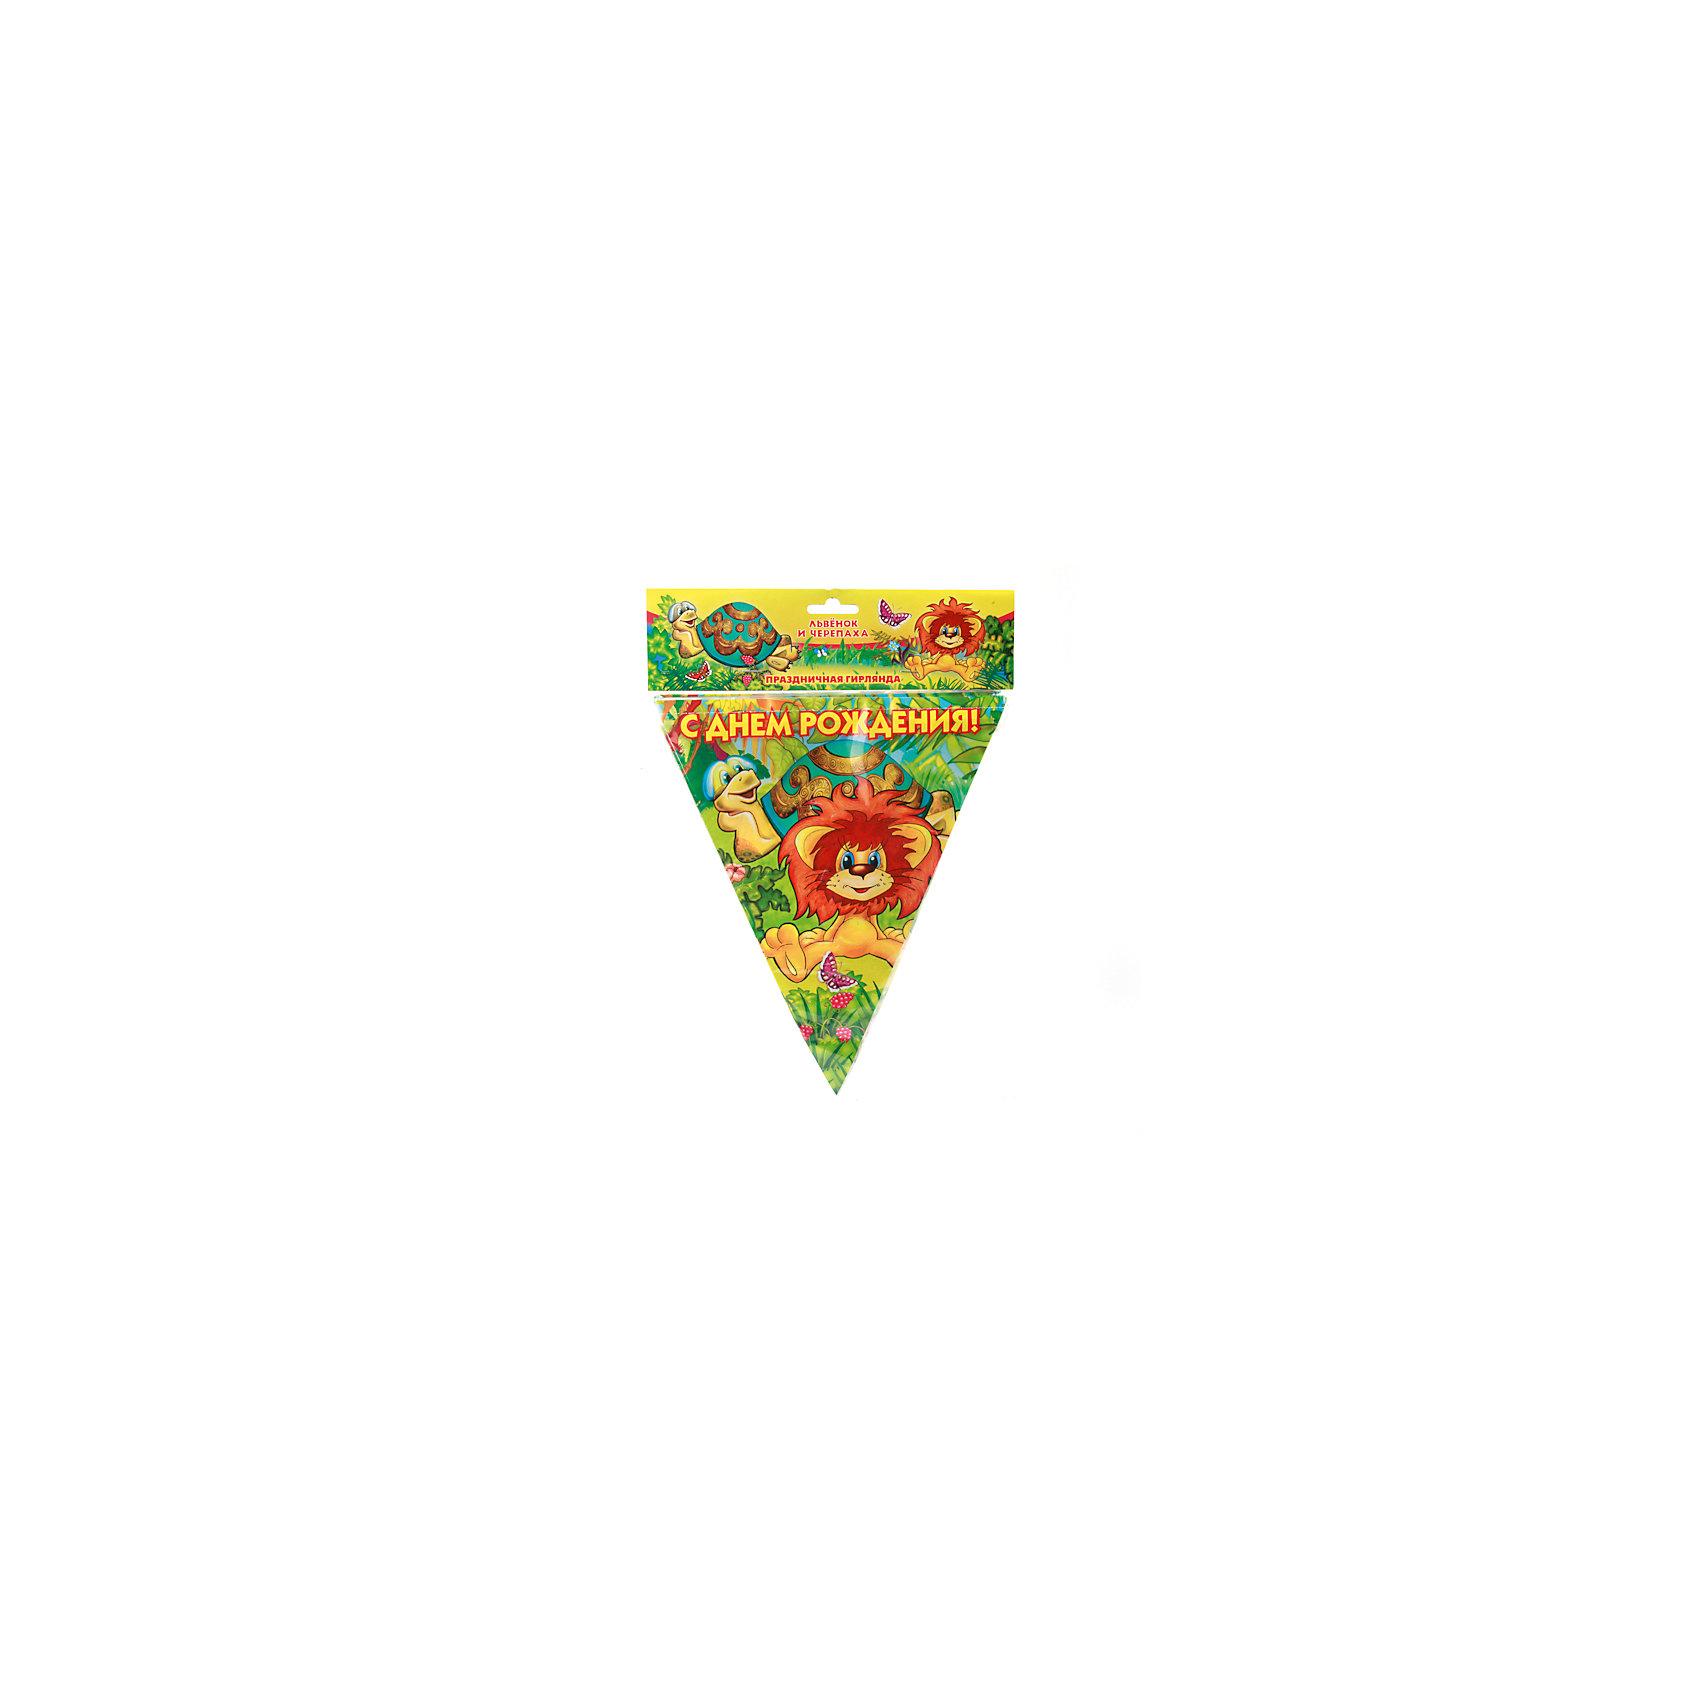 Гирлянда-флаг Львёнок и черепахаСоветские мультфильмы<br>Гирлянда-флаг Весёлый праздник дизайн Львёнок и черепаха 300 см<br><br>Ширина мм: 320<br>Глубина мм: 240<br>Высота мм: 10<br>Вес г: 20<br>Возраст от месяцев: 12<br>Возраст до месяцев: 72<br>Пол: Унисекс<br>Возраст: Детский<br>SKU: 5196934